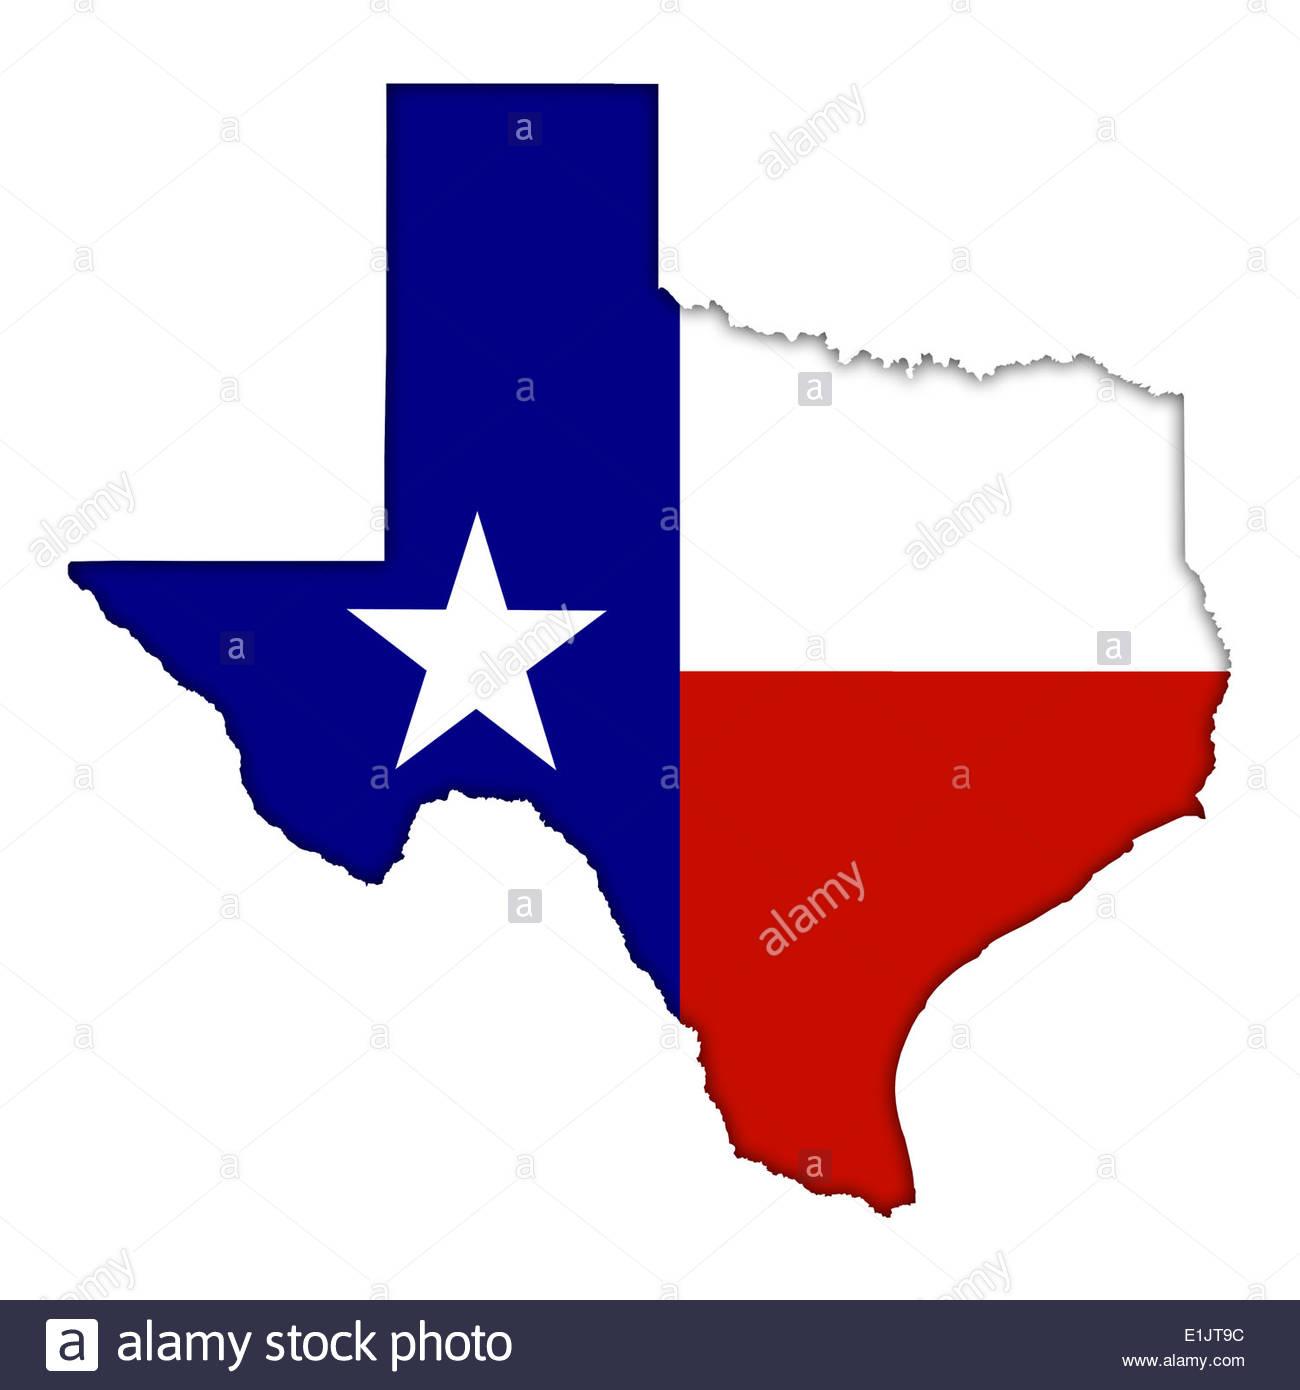 1300x1390 Texas Flag Map Icon Logo Stock Photo, Royalty Free Image 69870344